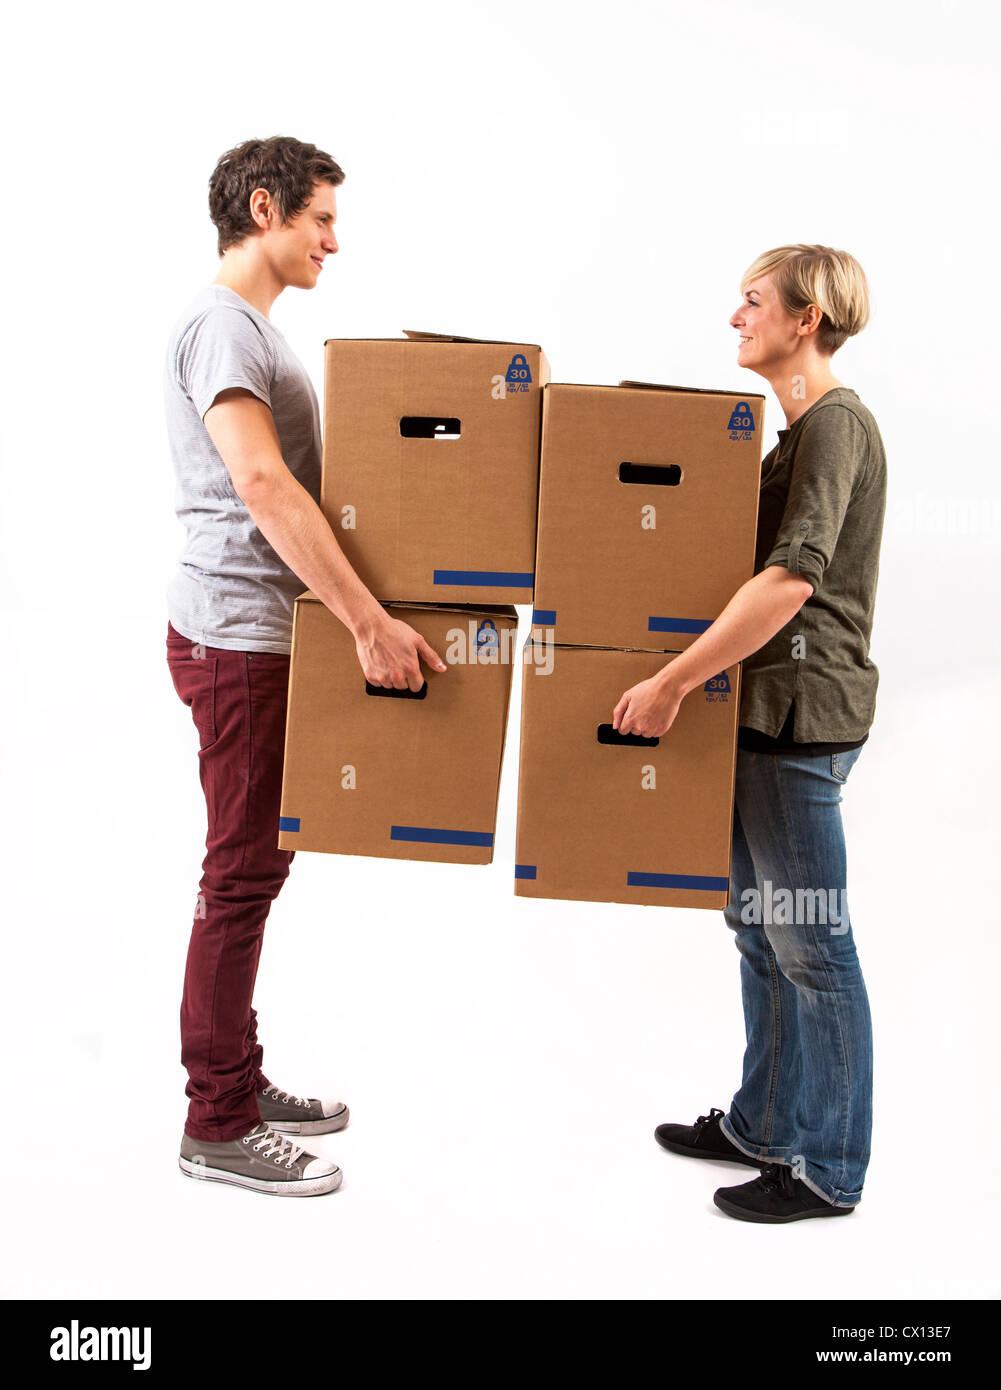 7 Hôtels Symbolfoto, Auszug, umziehen. Junges Paar trägt Umzugskartons. Umzugskisten Pappkarton aus. Banque D'Images